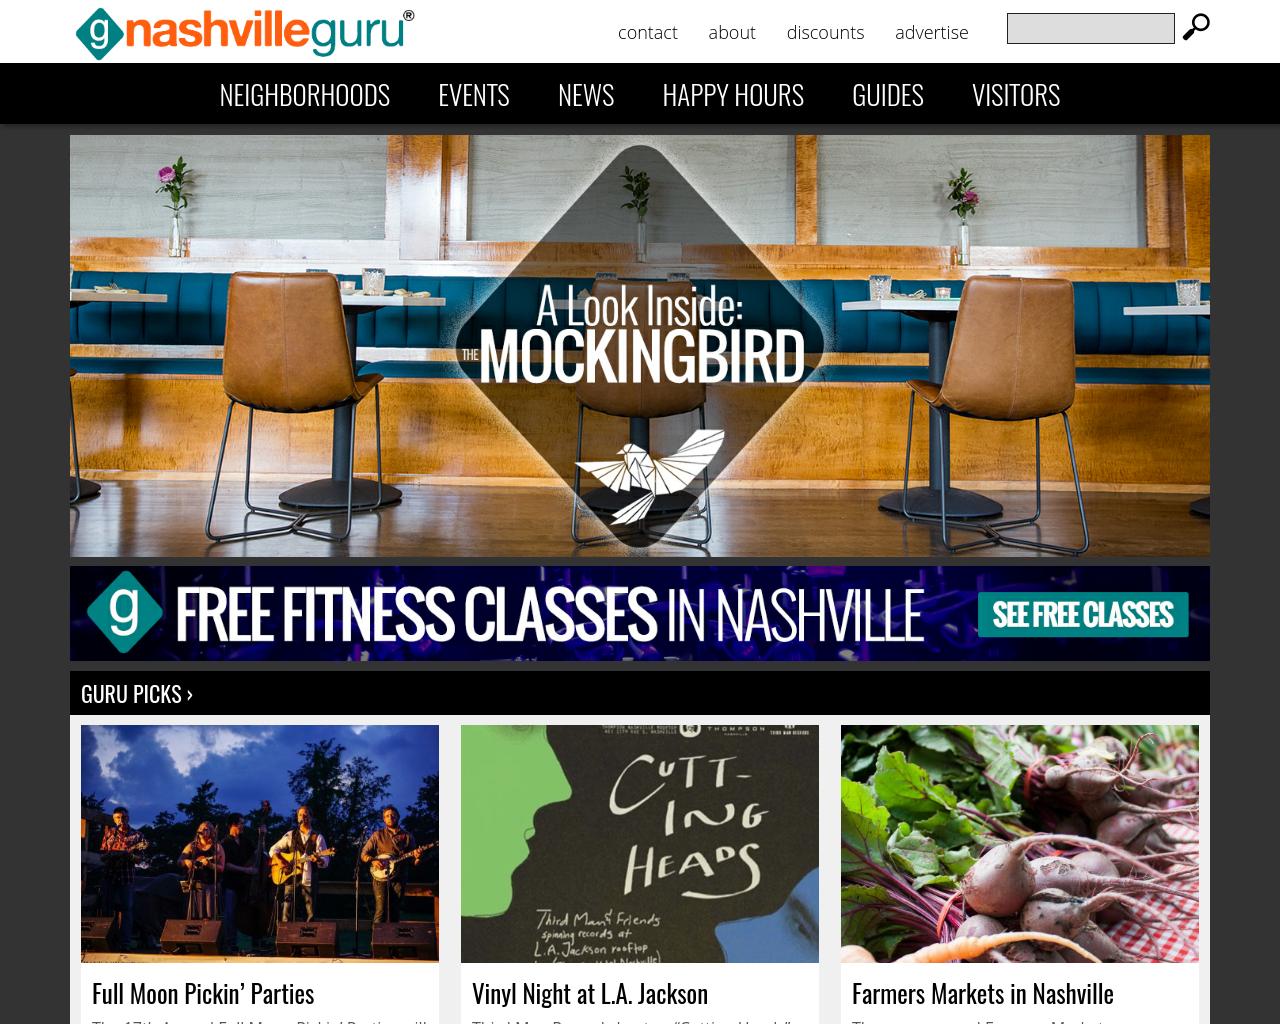 Nashville-Guru-Advertising-Reviews-Pricing